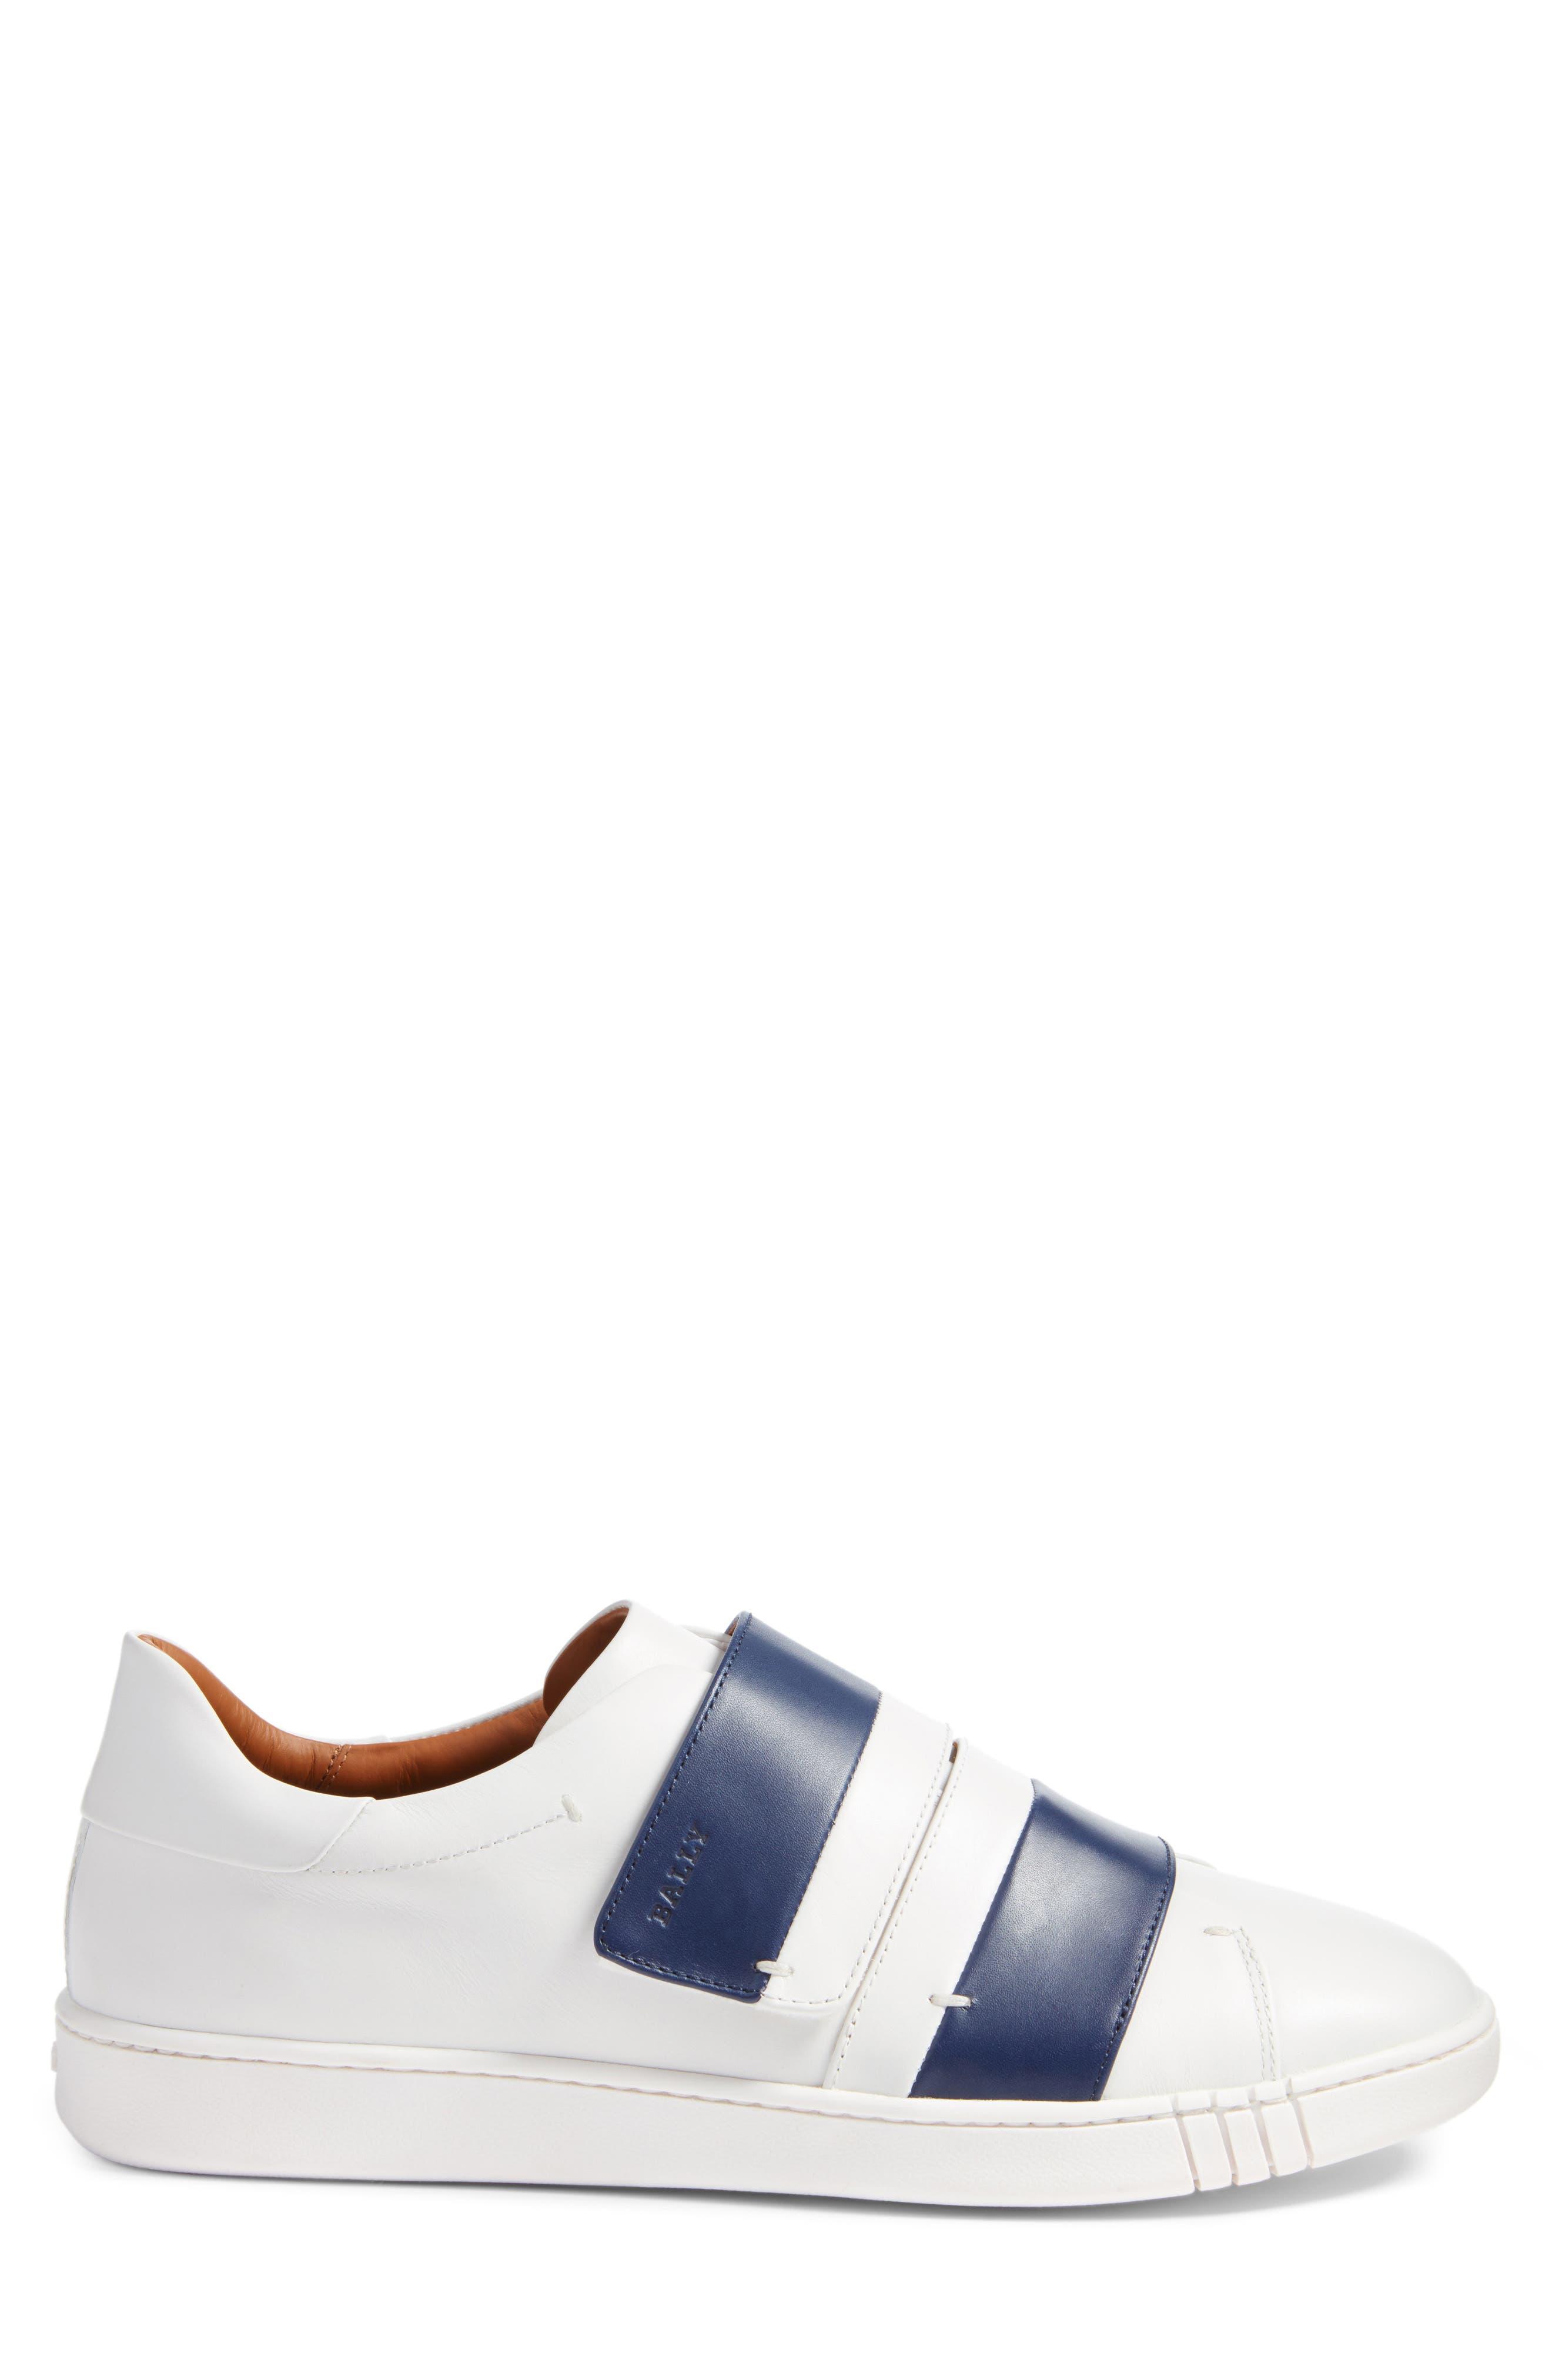 Willet Sneaker,                             Alternate thumbnail 3, color,                             100